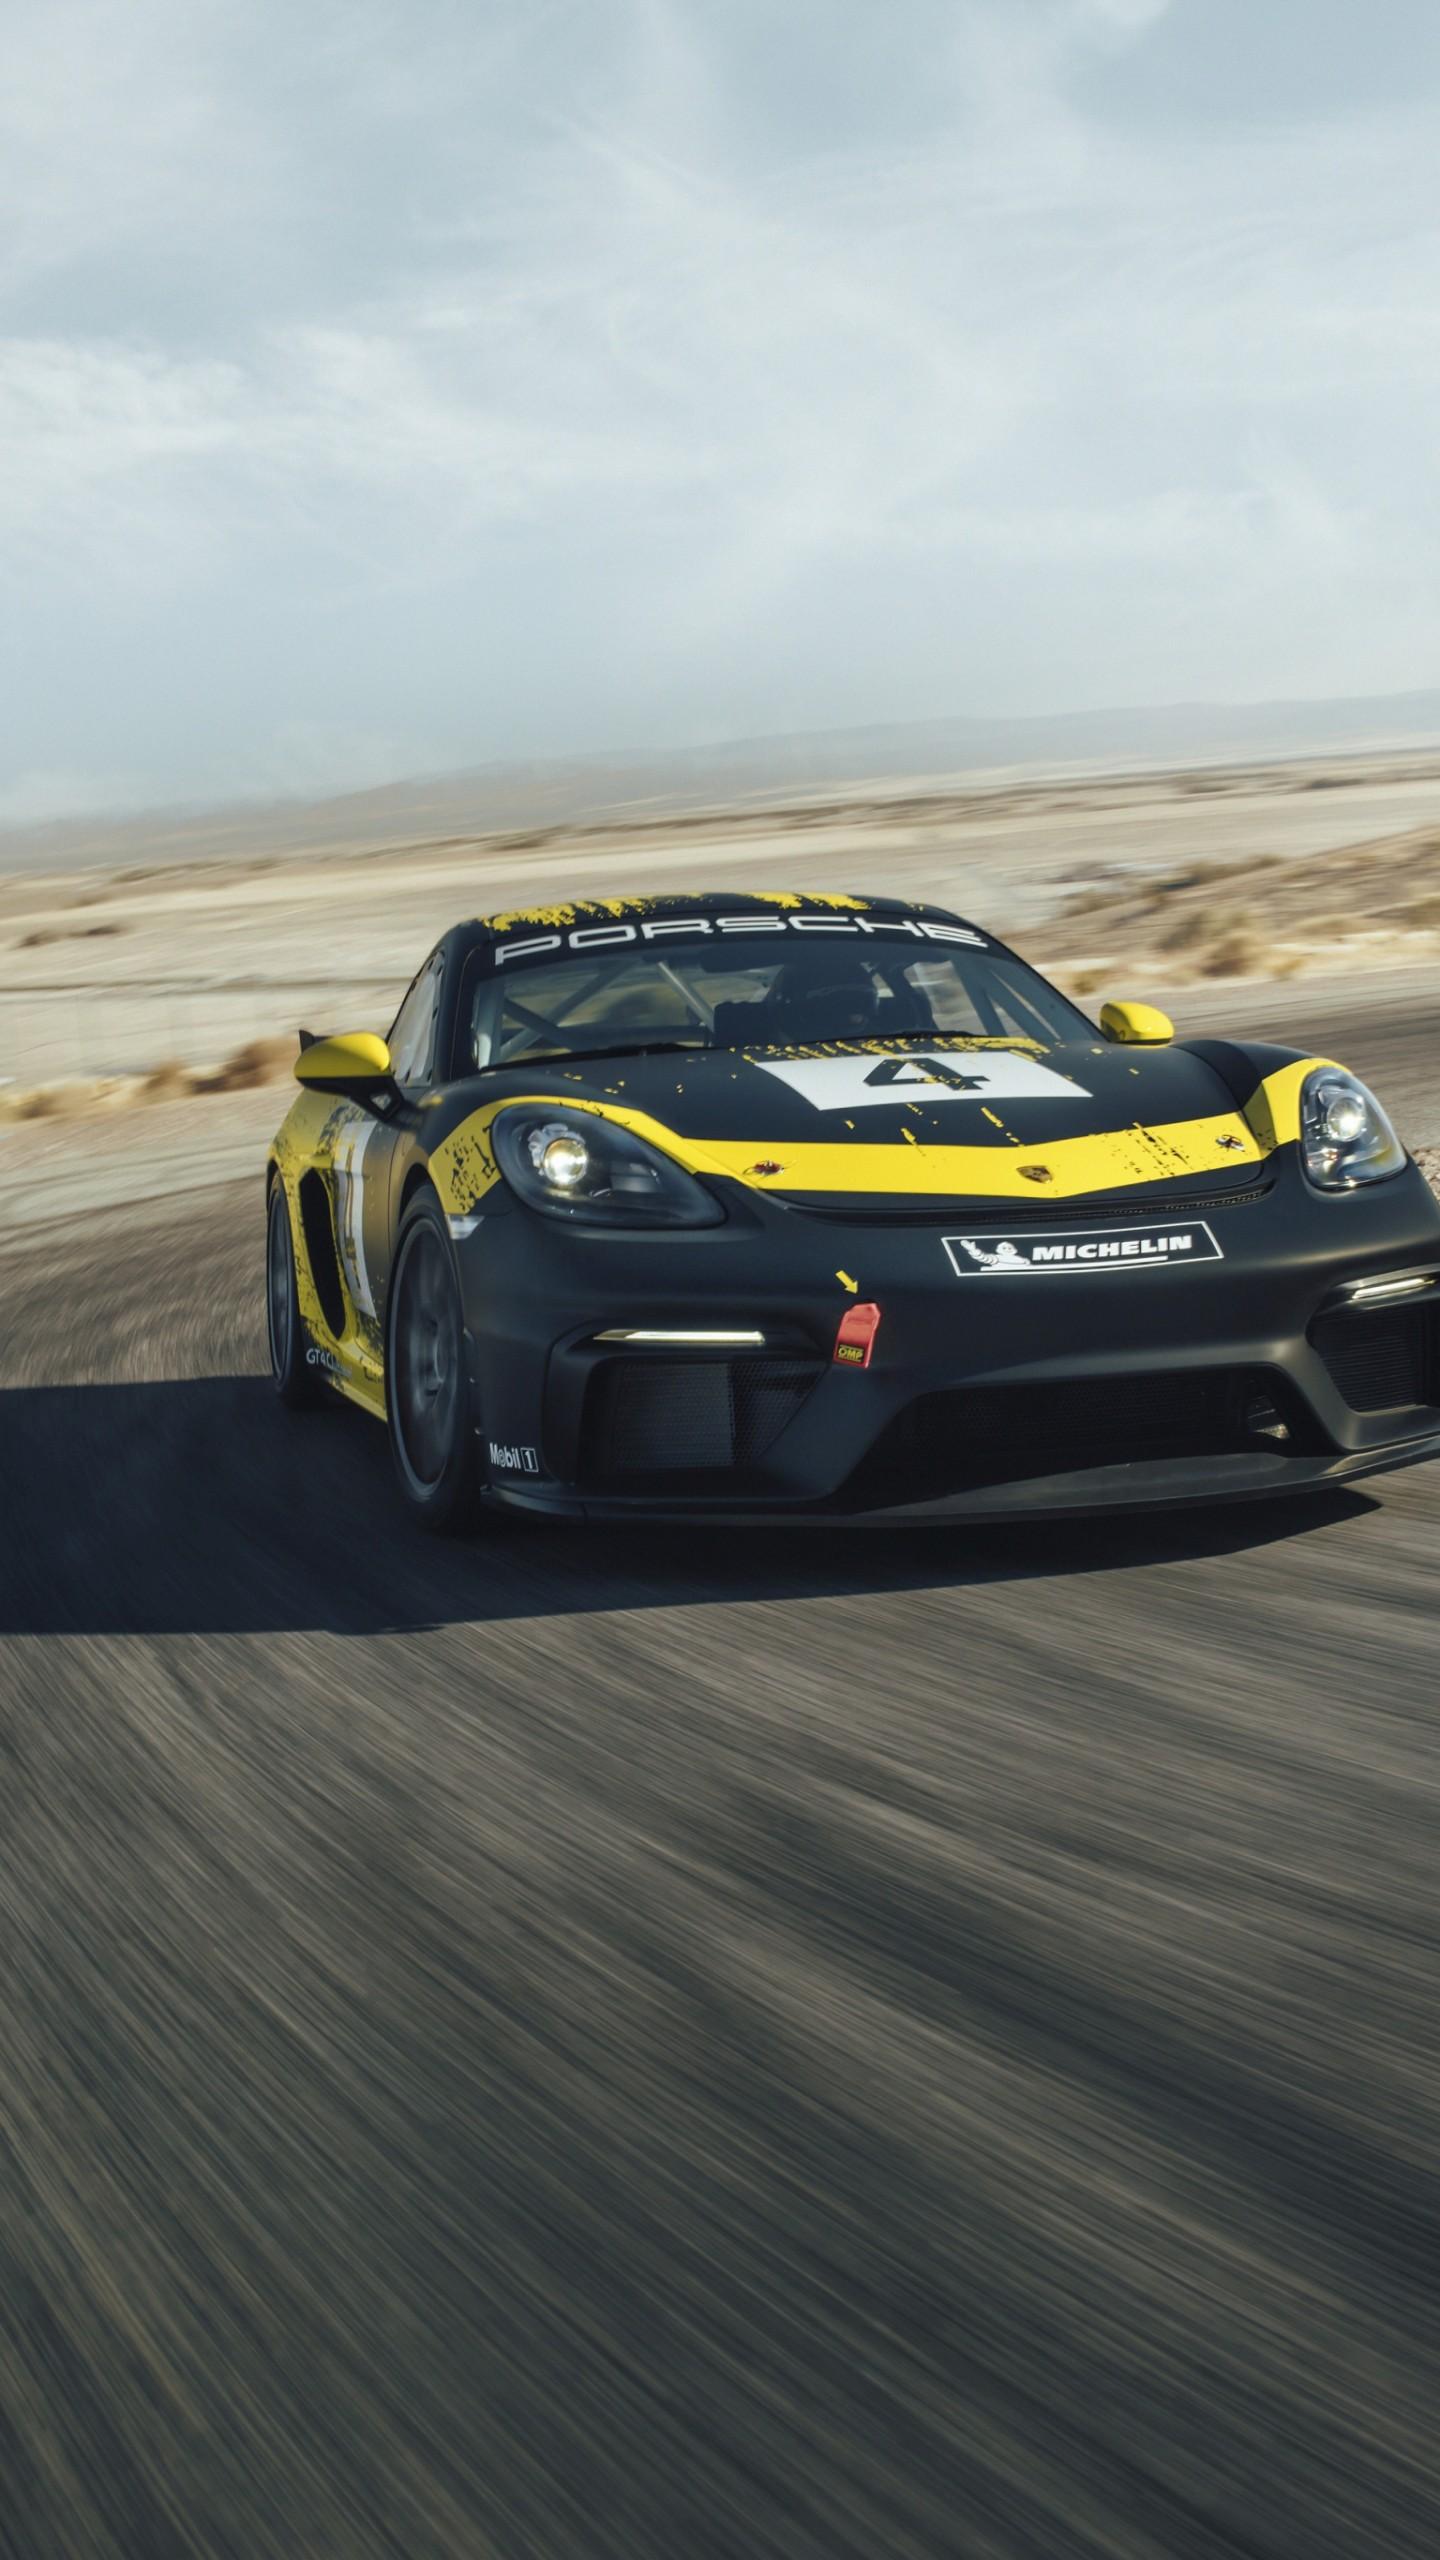 Wallpaper Porsche 718 Cayman Gt4 Clubsport 2020 Cars Sport Cars 4k Cars Bikes 21930